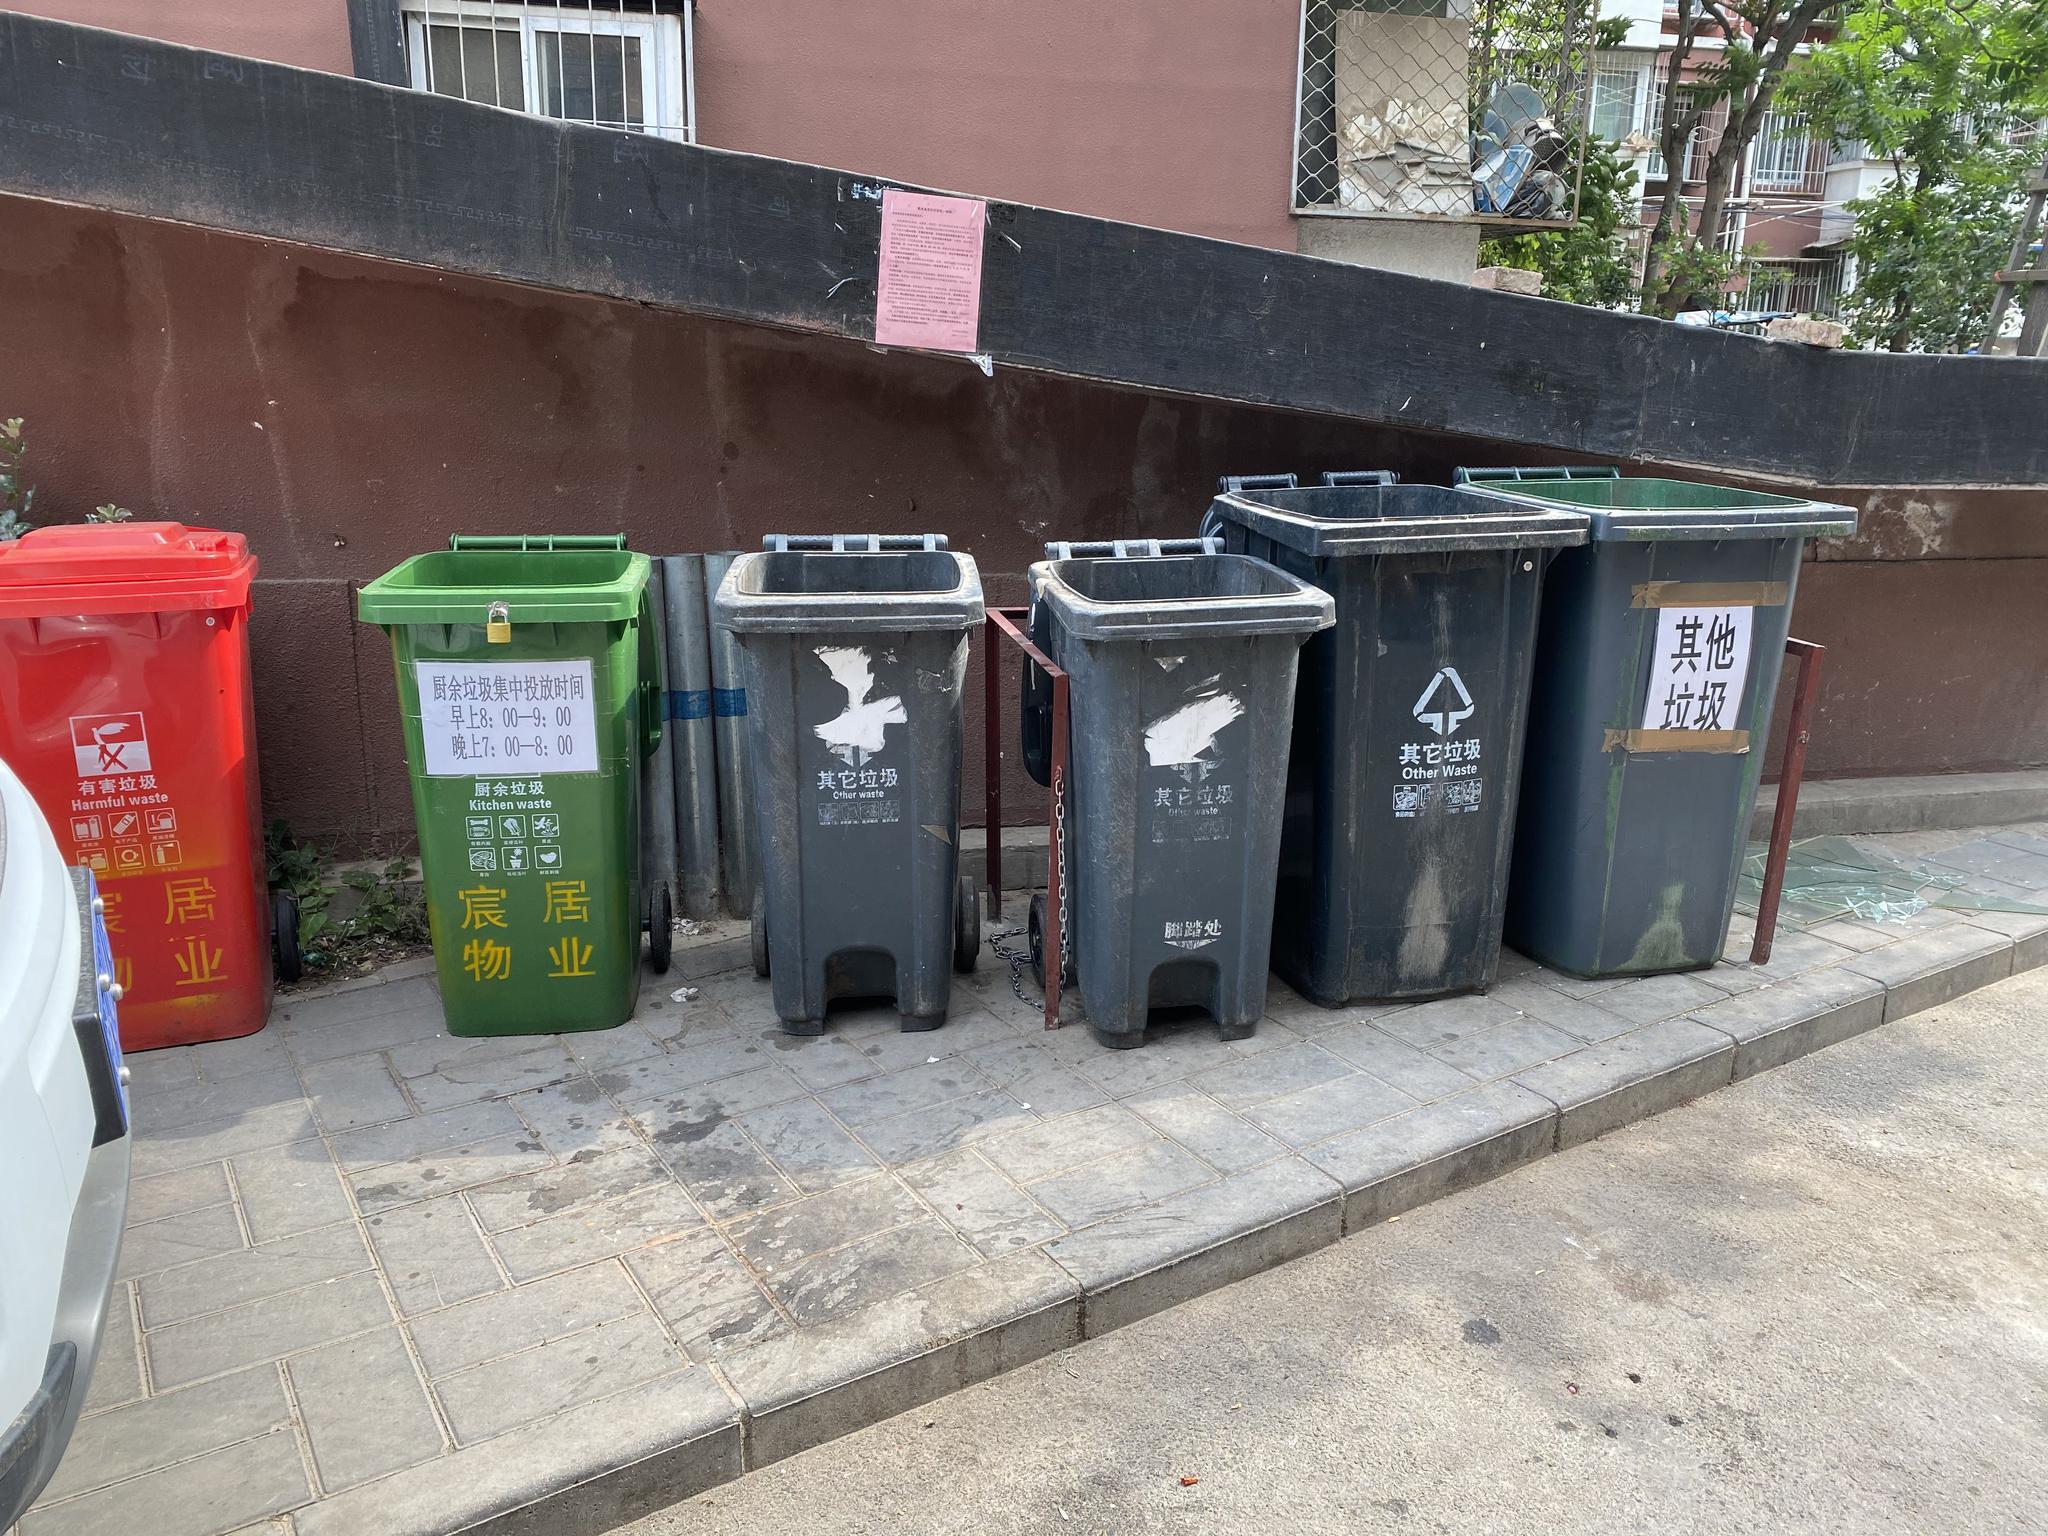 永金里小区15号楼四周垃圾桶站增设了多个垃圾桶。摄 新京报记者 应悦